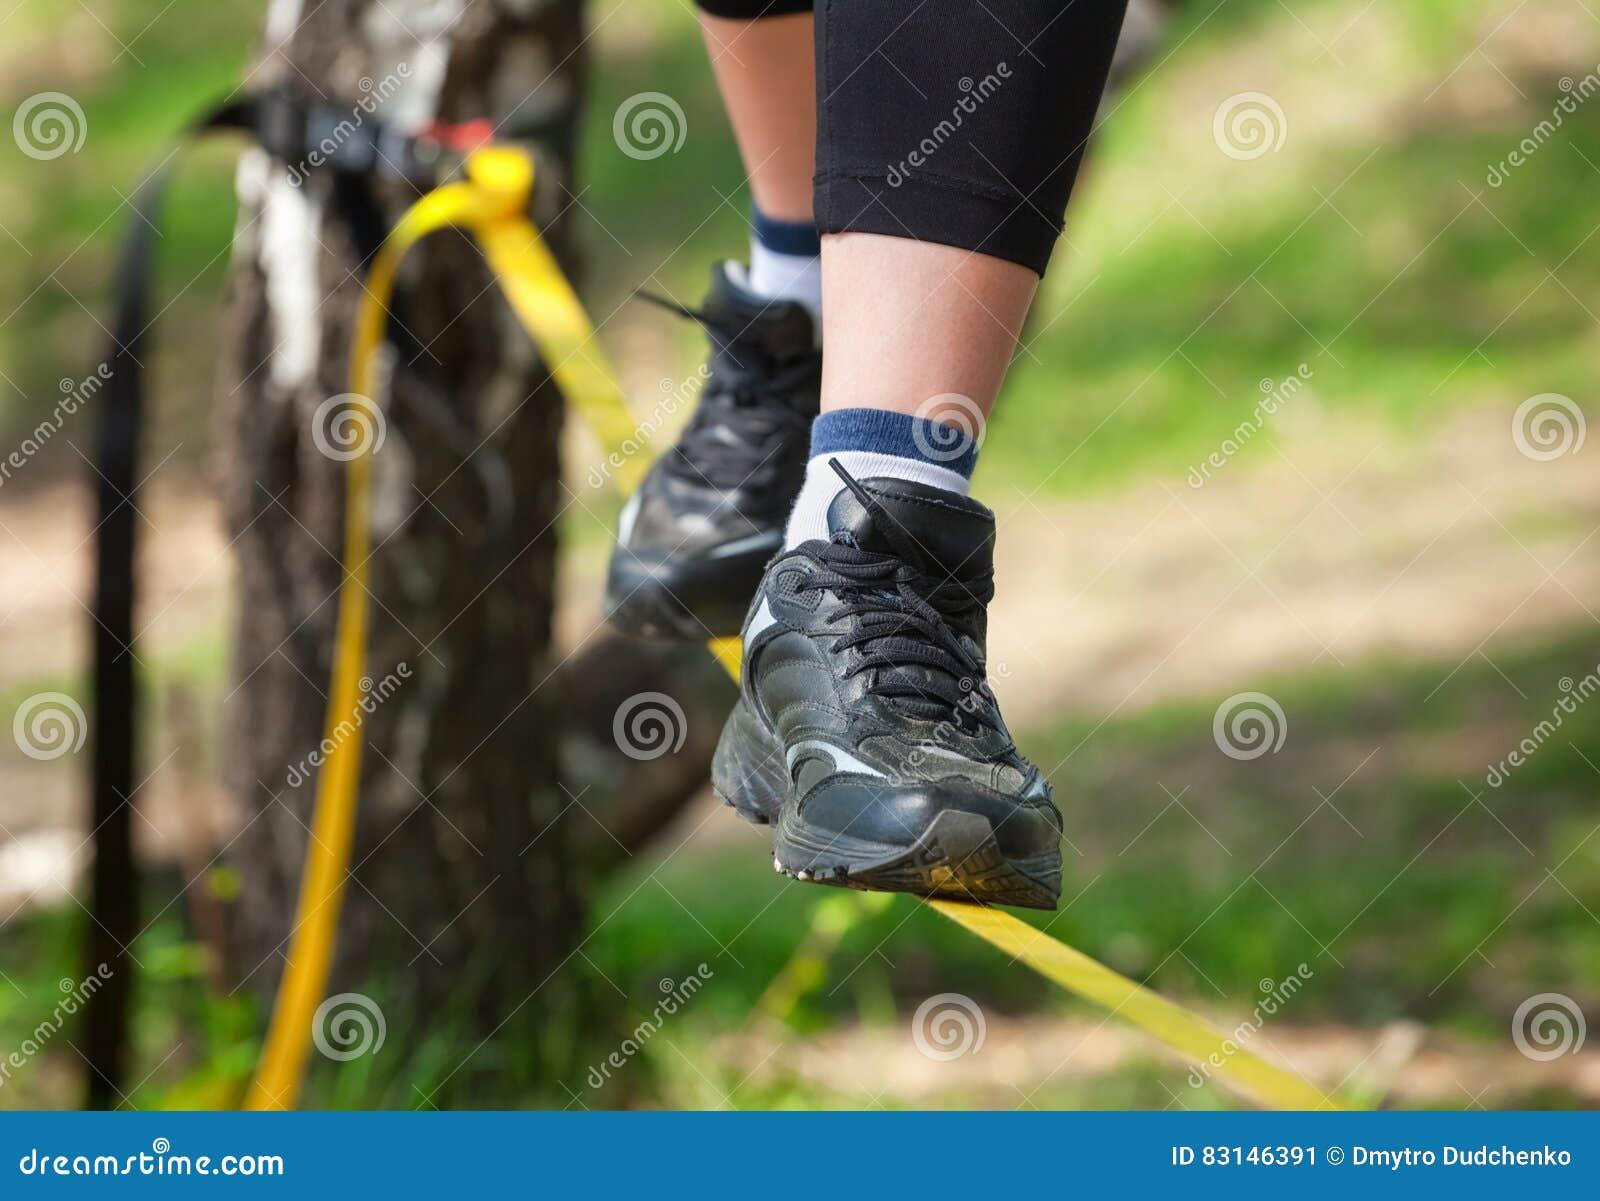 Drahtseilwanderer ist auf einem festen Riemen, der auf den Bäumen örtlich festgelegt ist, an einer niedrigen Höhe